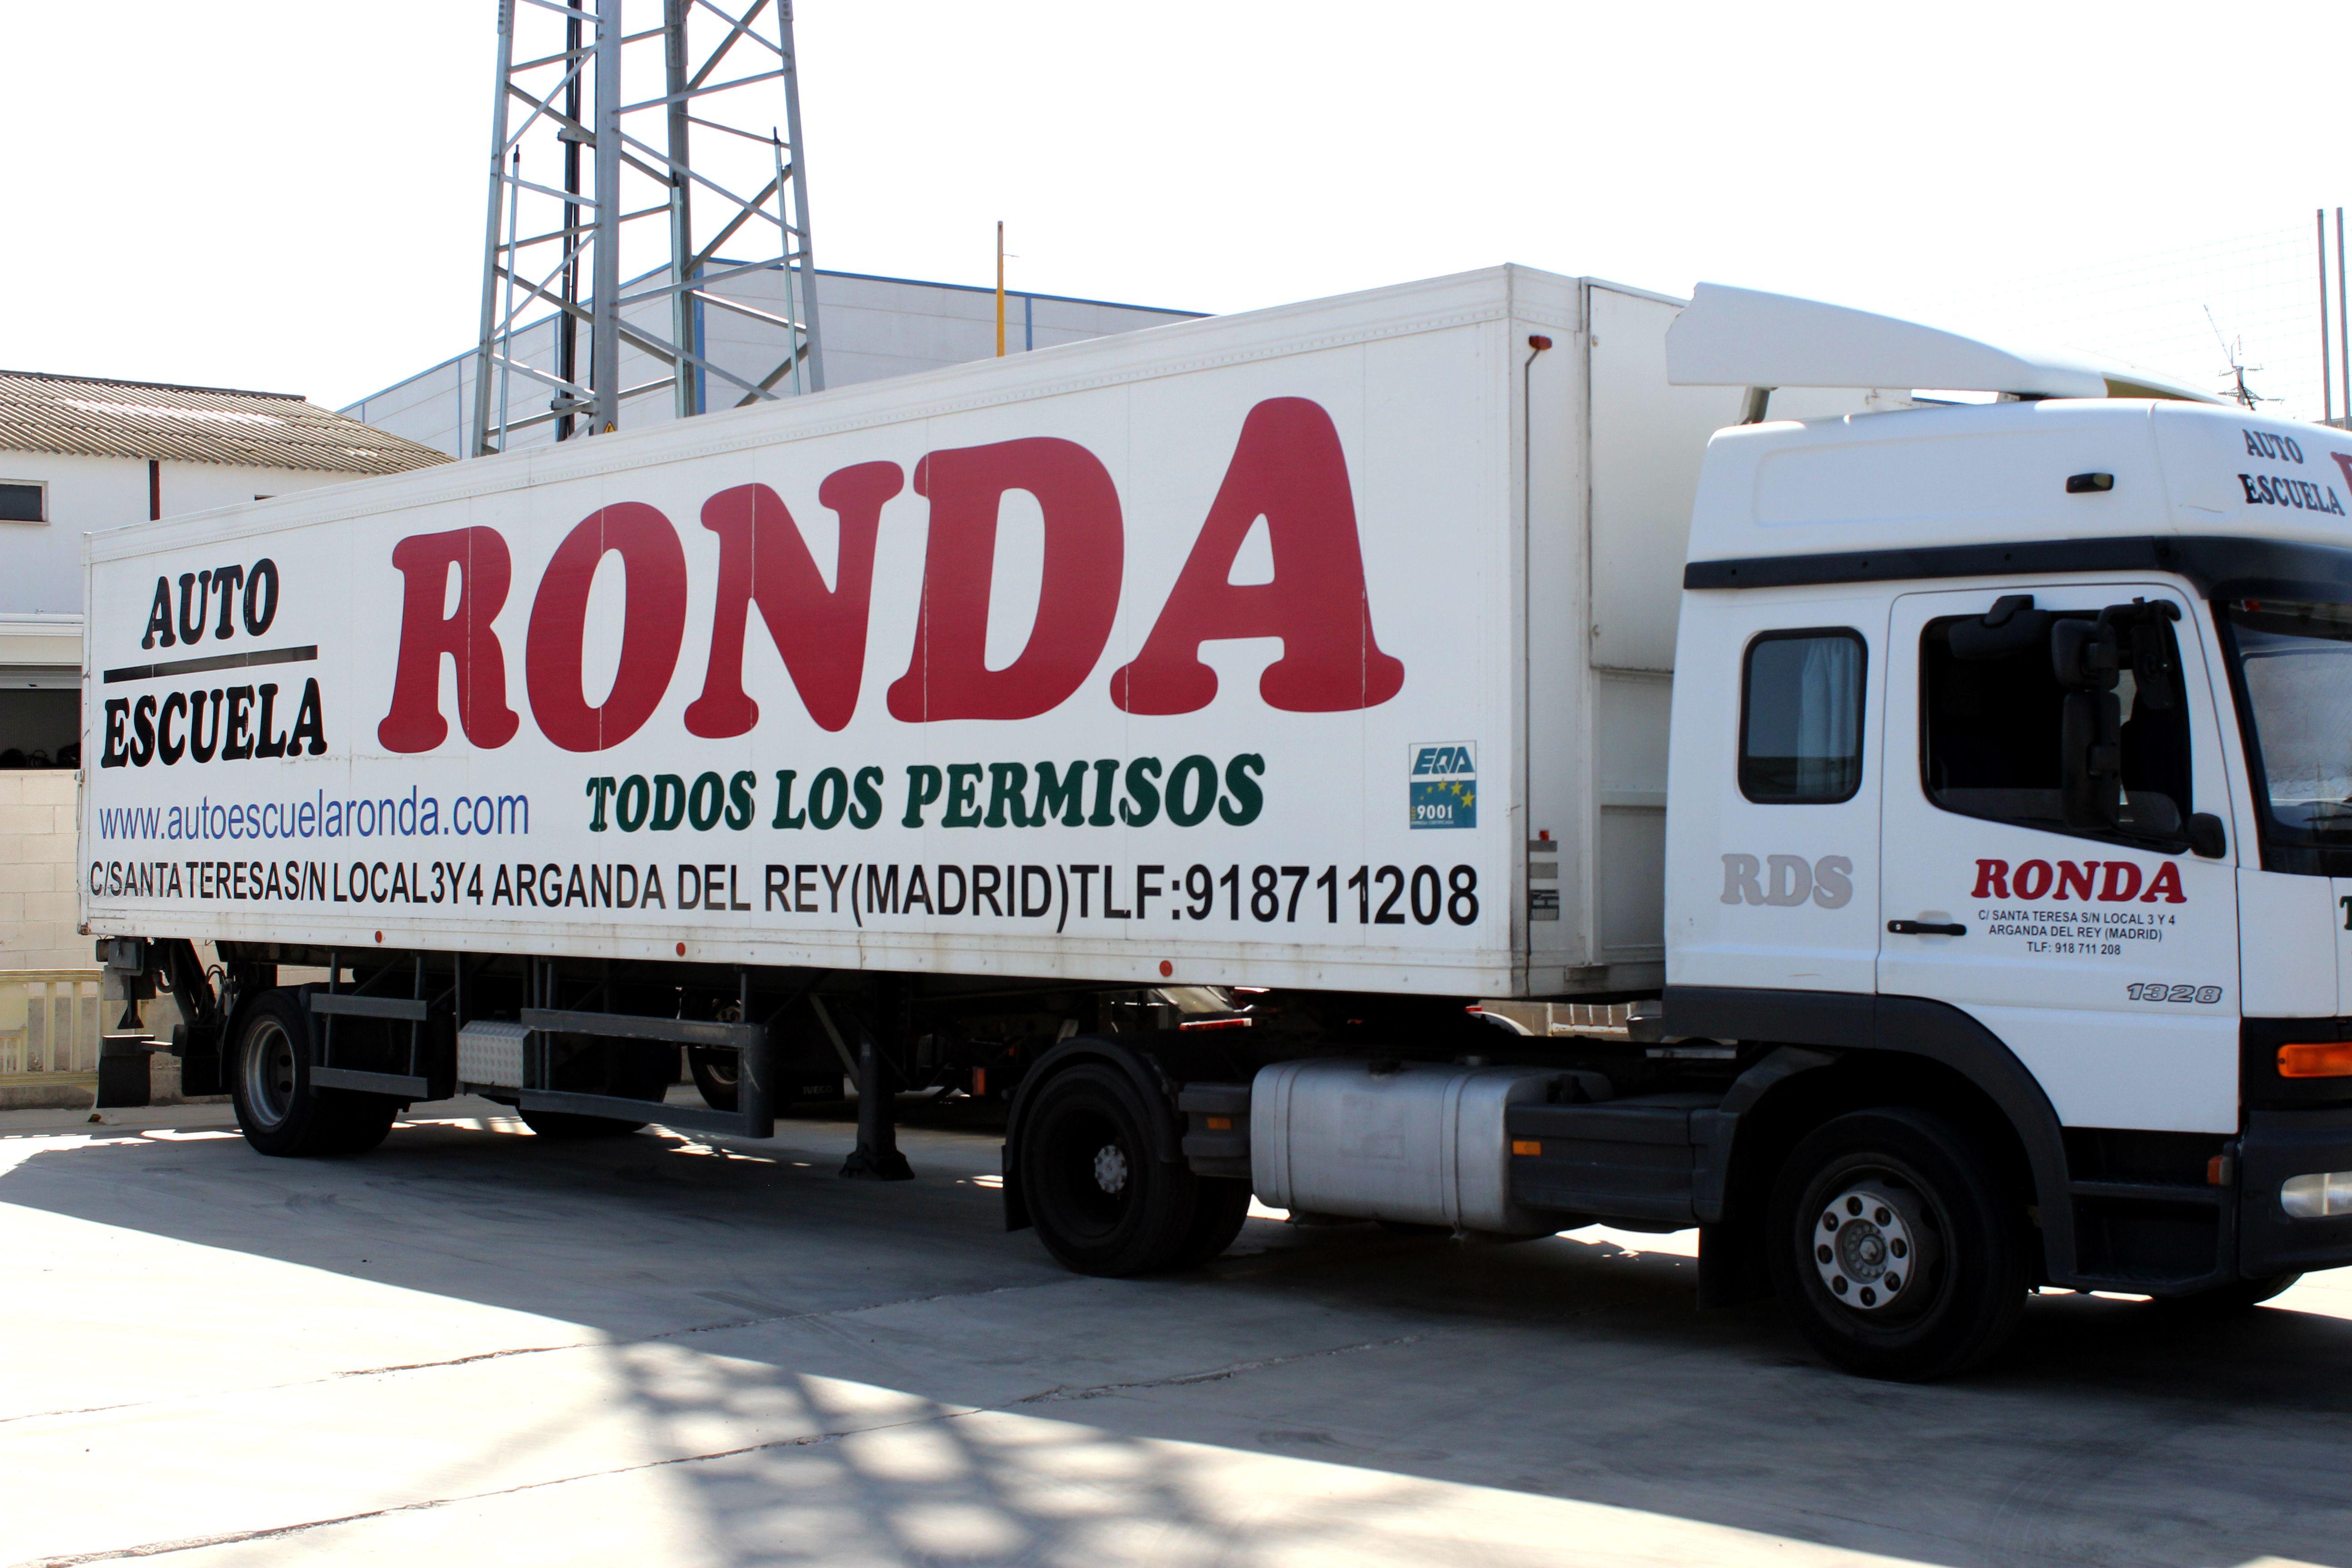 Foto 2 de Autoescuelas en Arganda del Rey | Autoescuela Ronda